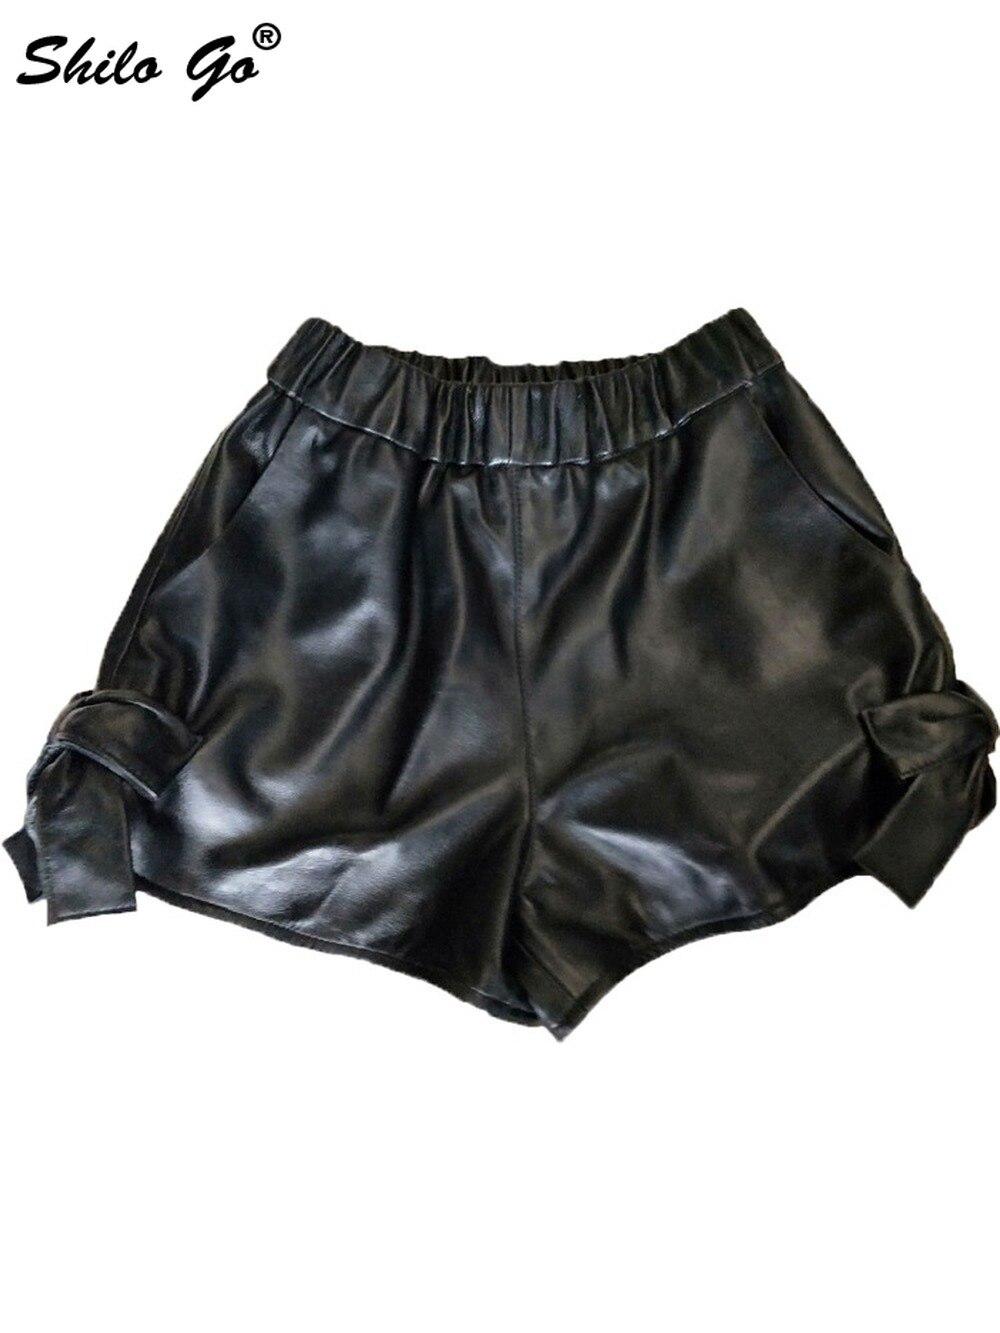 Шорты из натуральной кожи, черные, со шнуровкой сбоку, эластичная талия, широкие шорты, женские осенние повседневные, высокие, воланы, минималистичные ботинки, шорты - 2